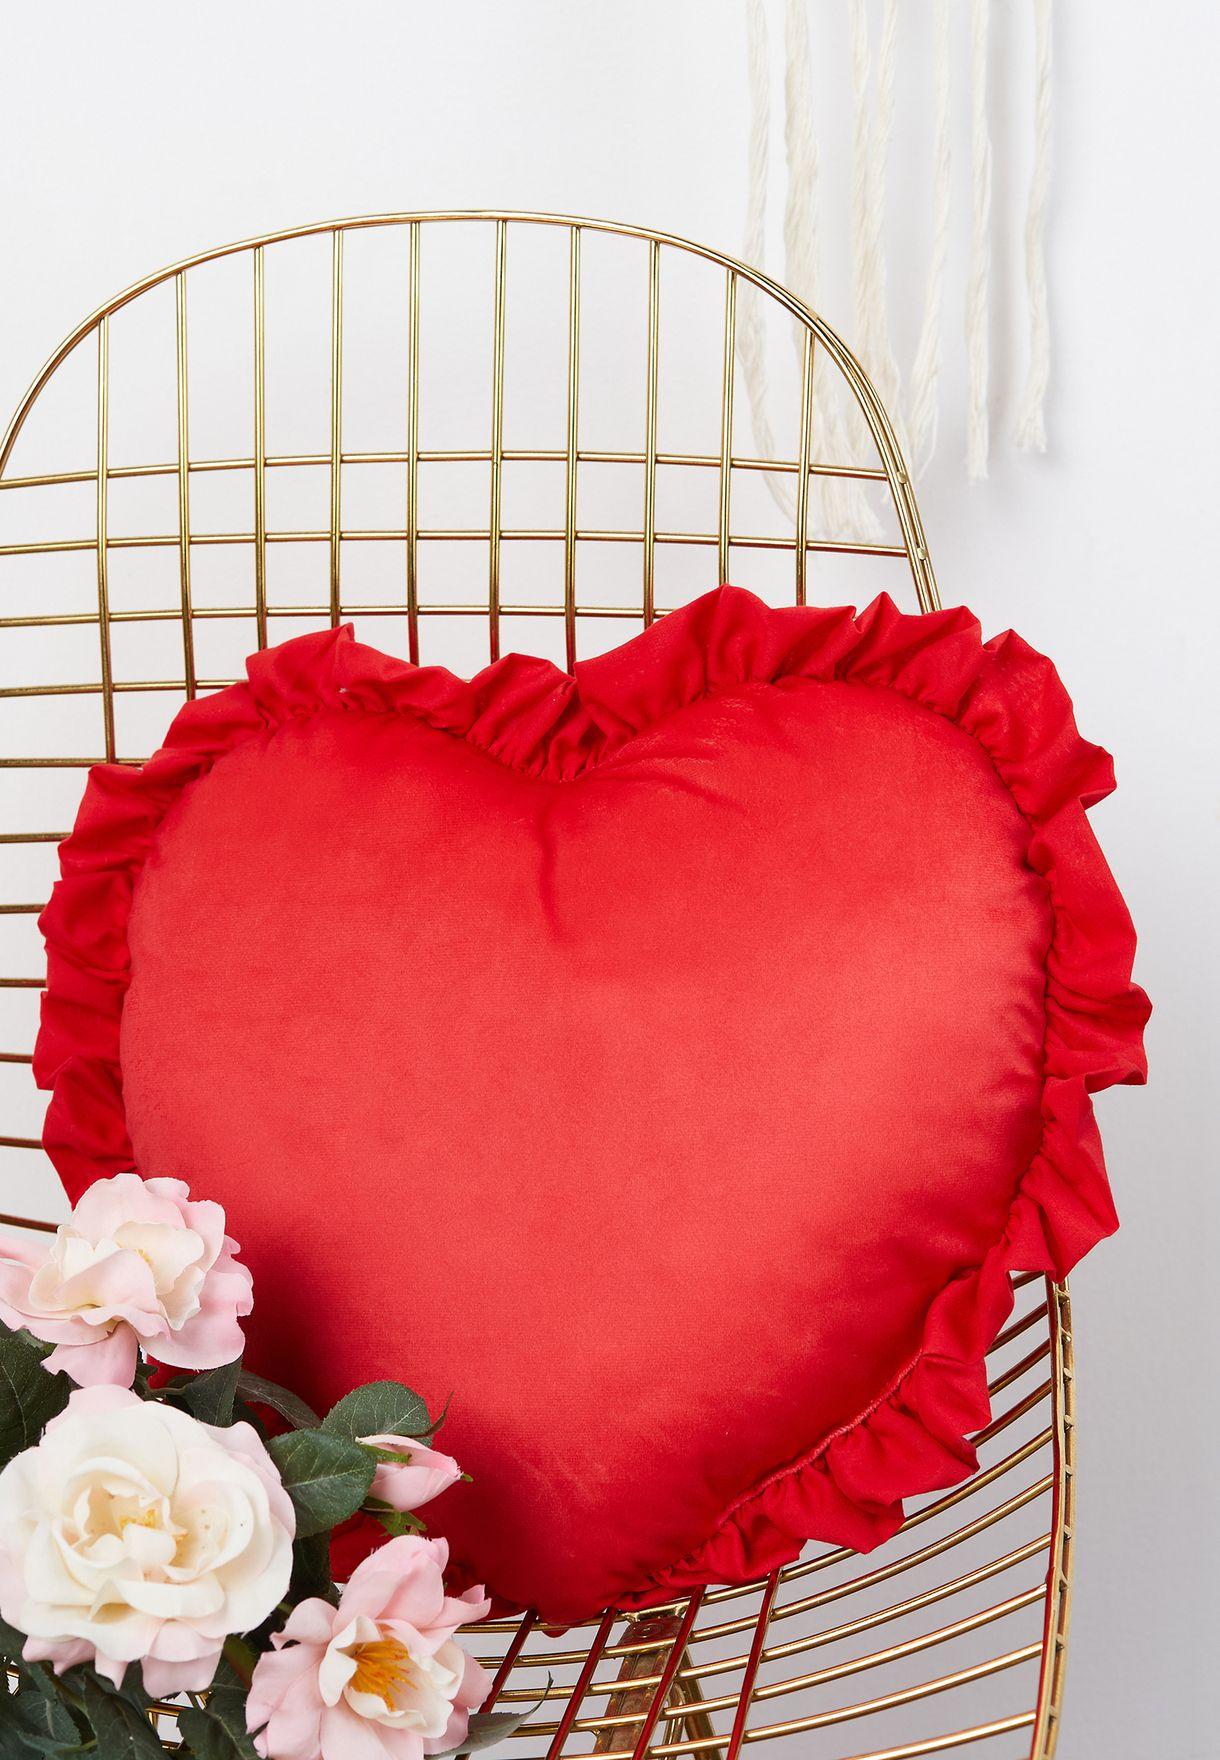 وسادة قلب بطباعة Heartbreaker